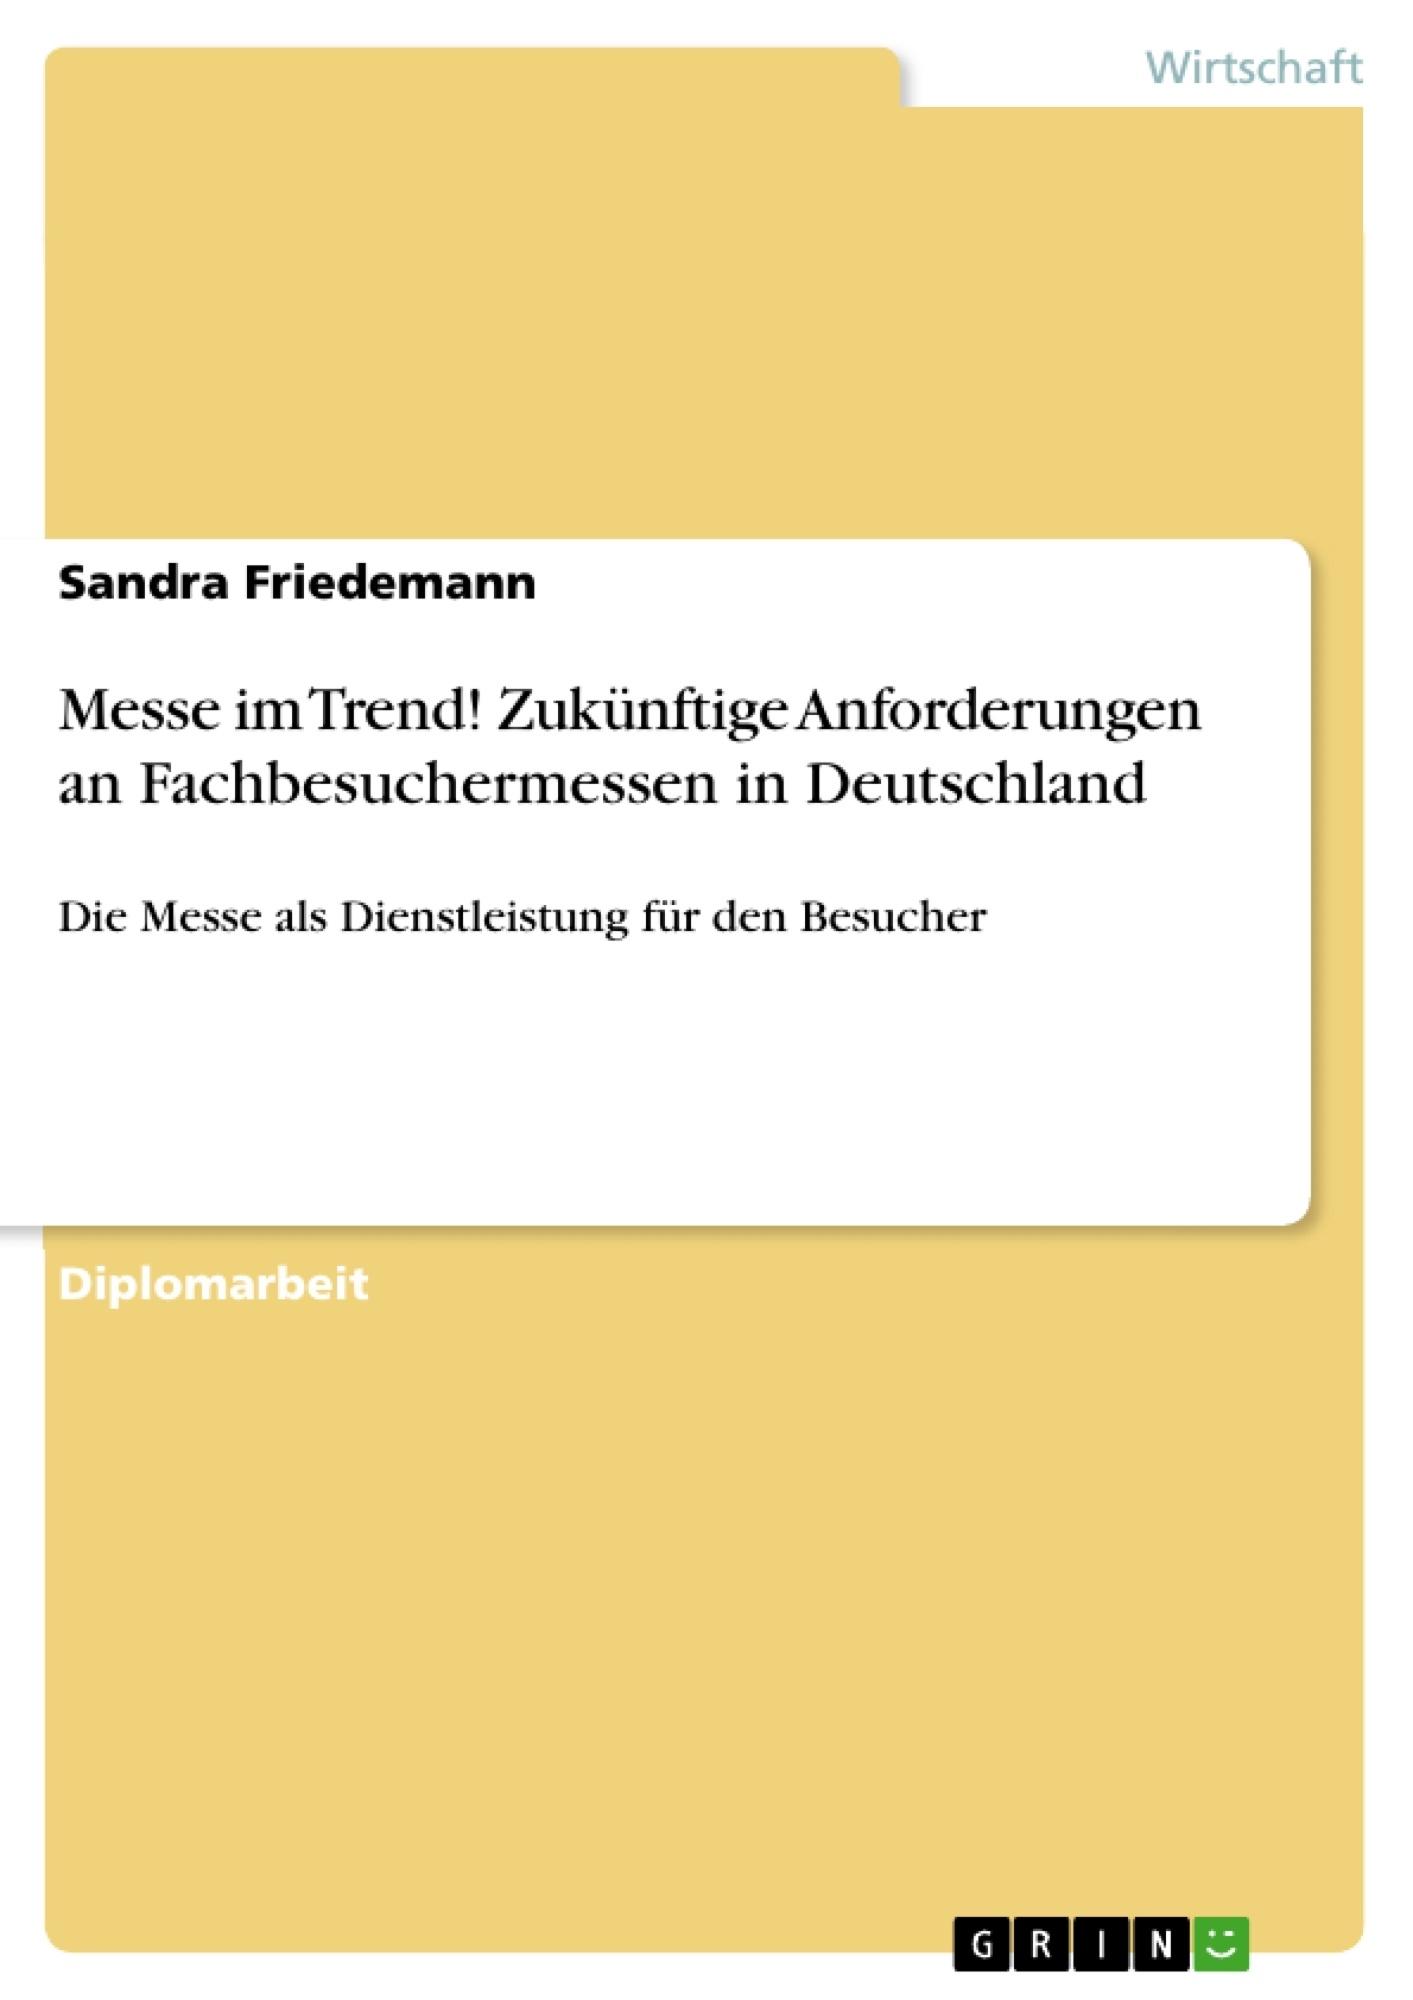 Titel: Messe im Trend! Zukünftige Anforderungen an Fachbesuchermessen in Deutschland